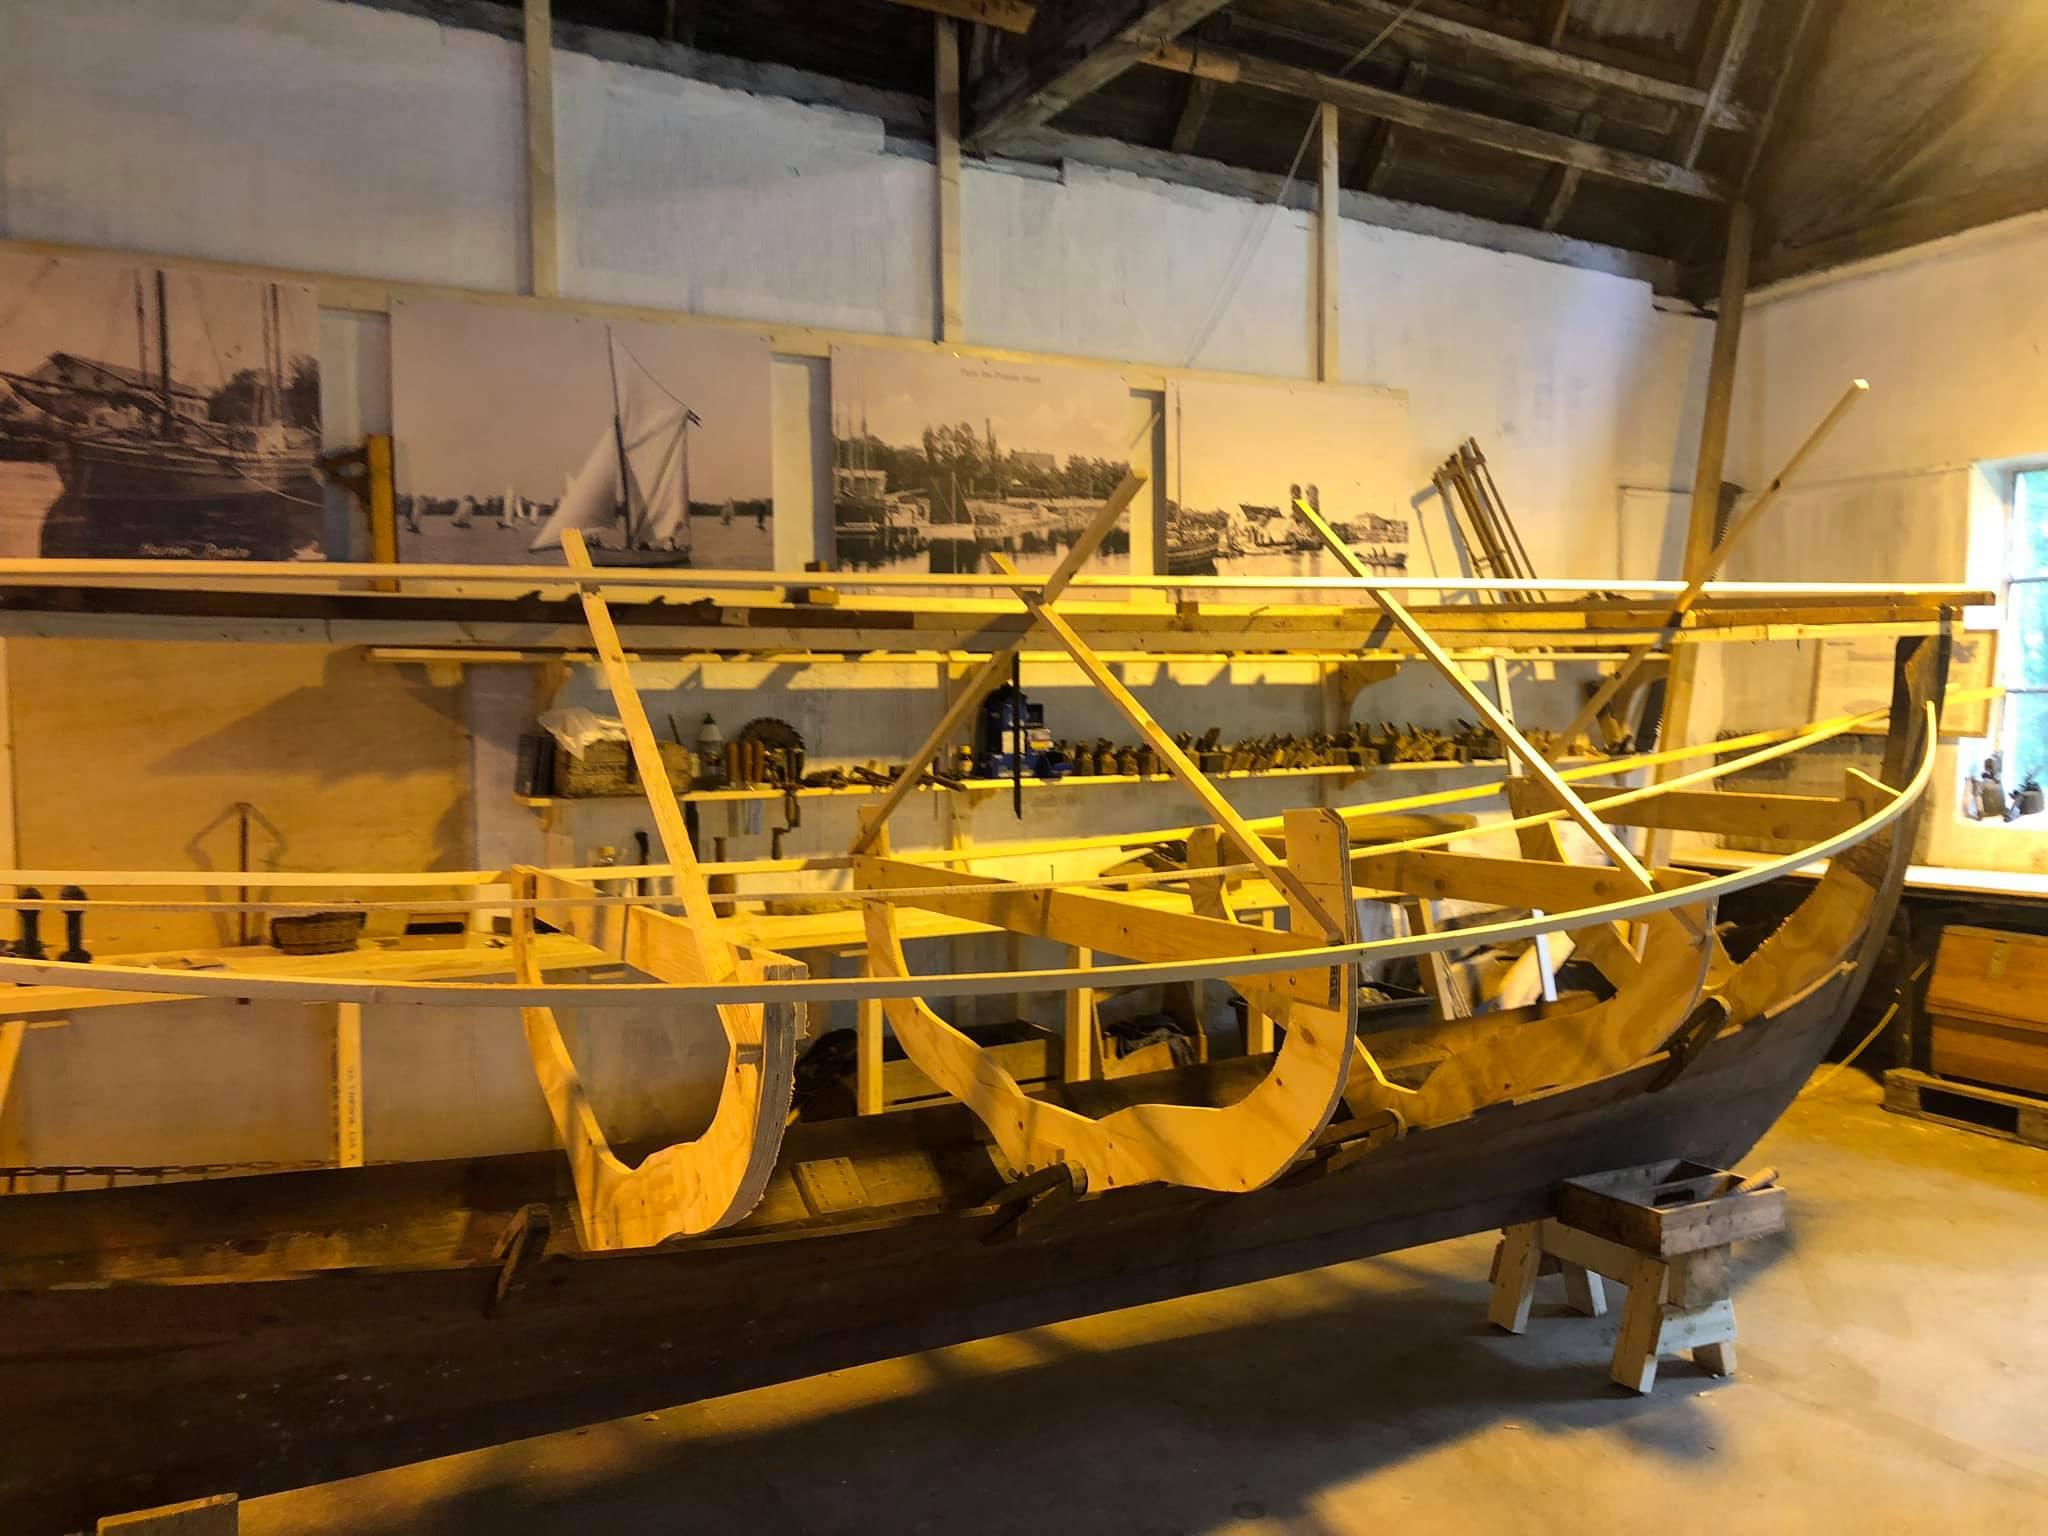 Stiftende møde i Foreningen for håndværkskultur og småbåde i Præstøs Støberihaller den 19. august